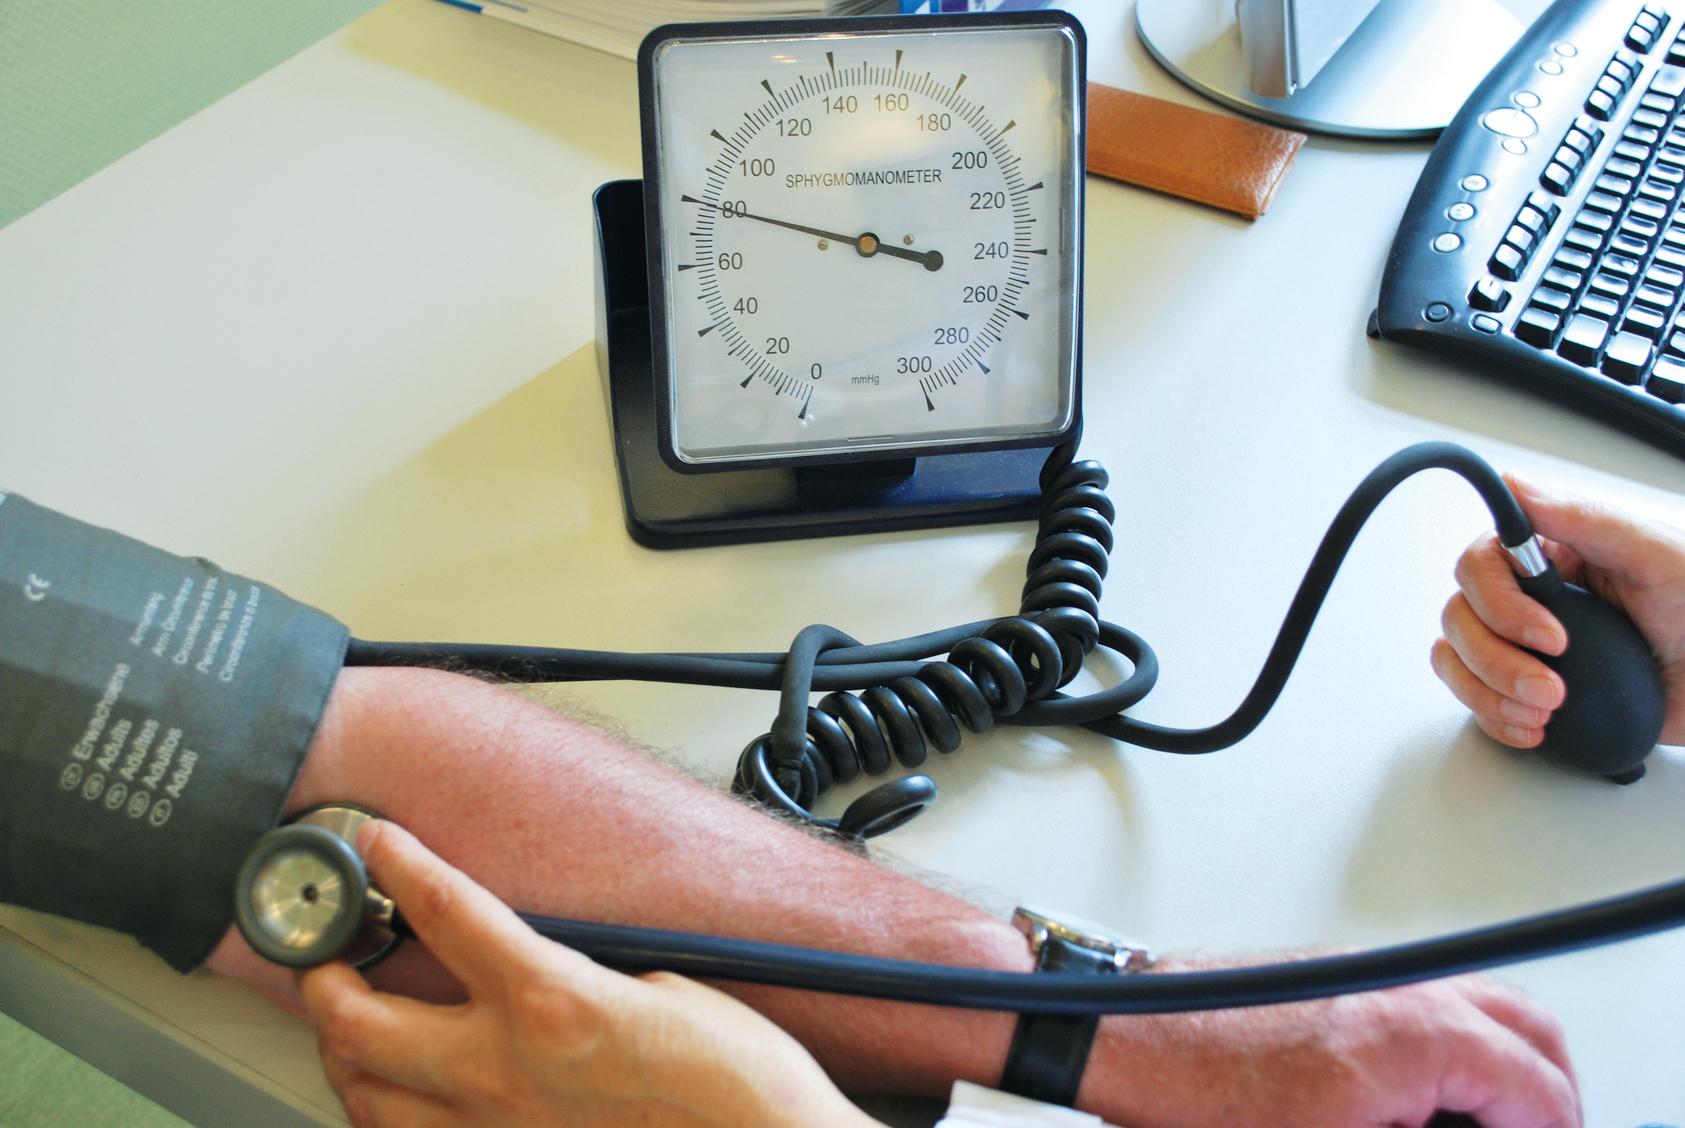 Der Blutdruck wird gemessen